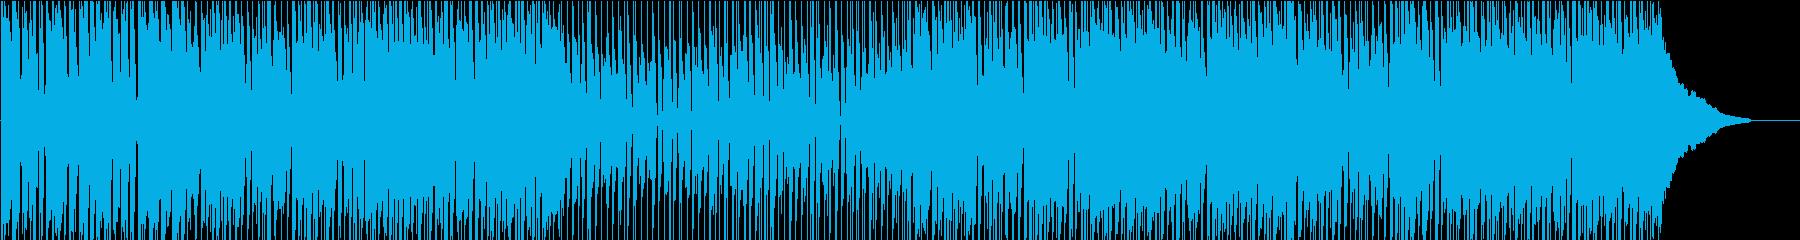 可愛い・パーティ・ポップ・楽しいの再生済みの波形